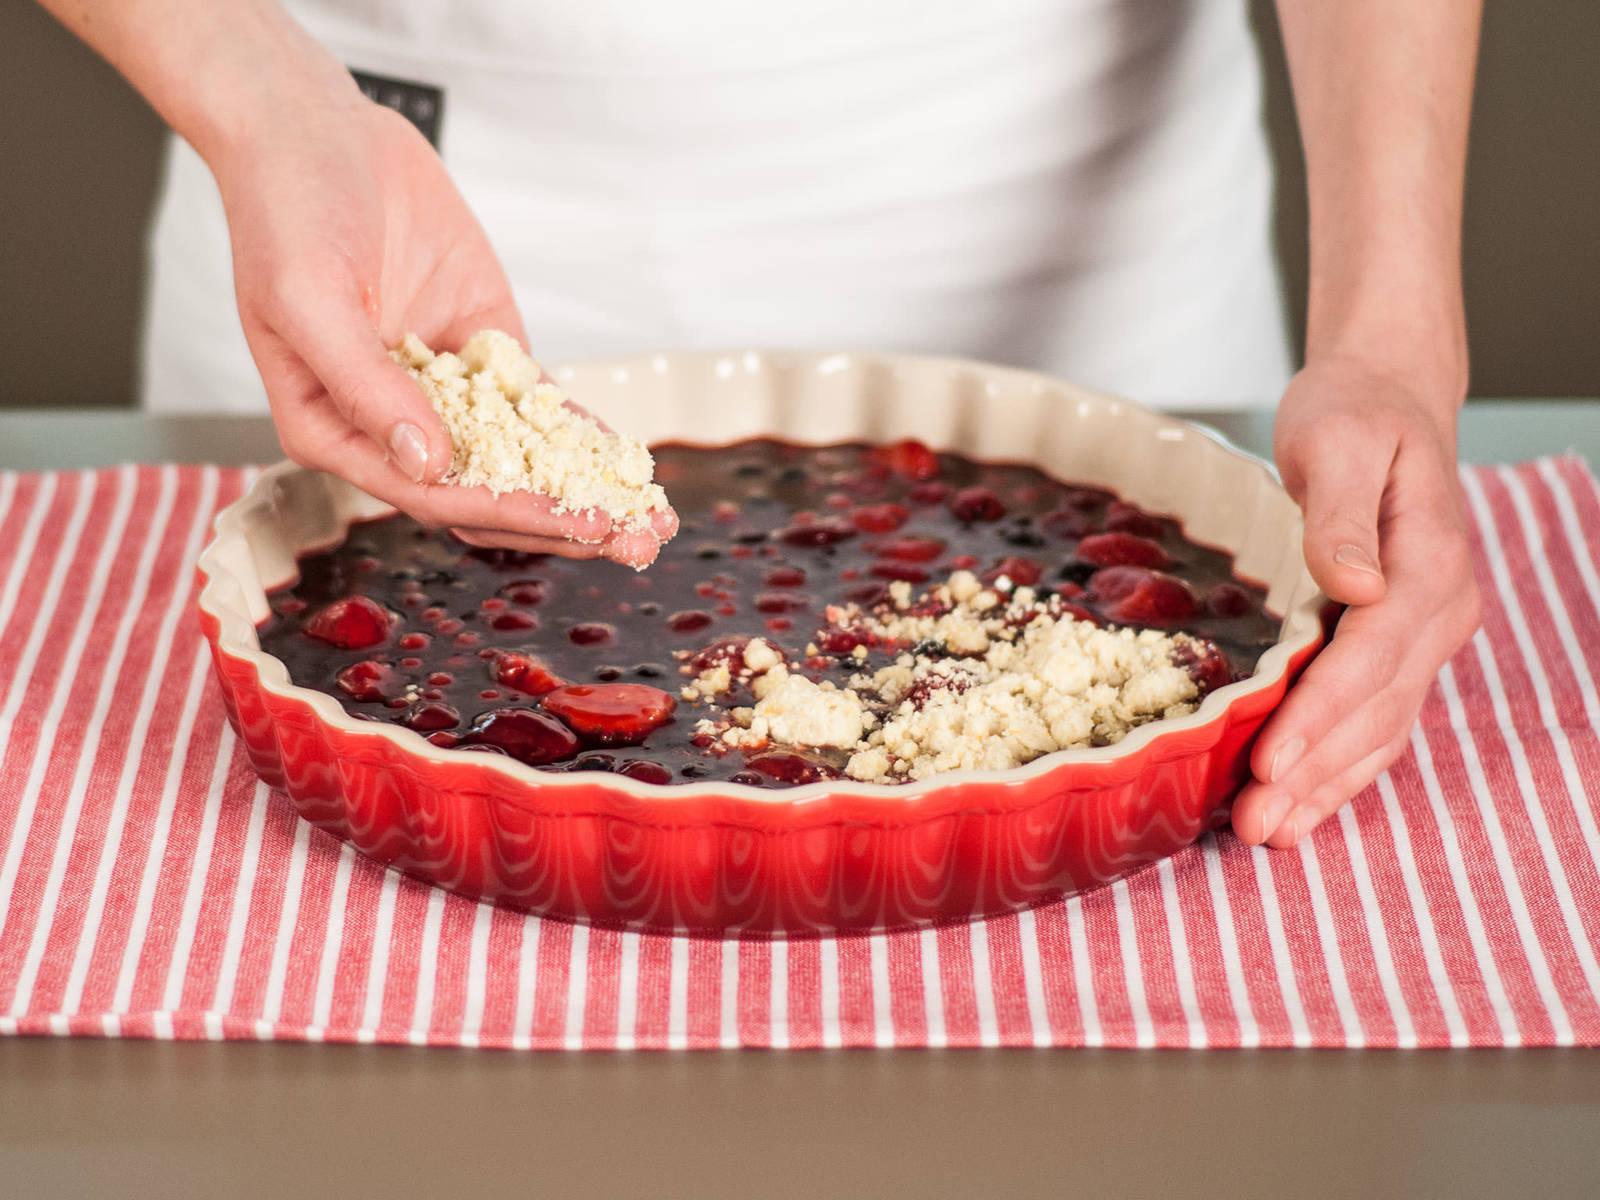 Gleichmäßig die Streusel über den Beeren verteilen. Im vorgeheizten Backofen bei 180°C für ca. 23 – 25 Min. backen bis die Streusel goldbraun sind. Warm mit Vanillesoße, Sahne oder Eiscreme genießen.